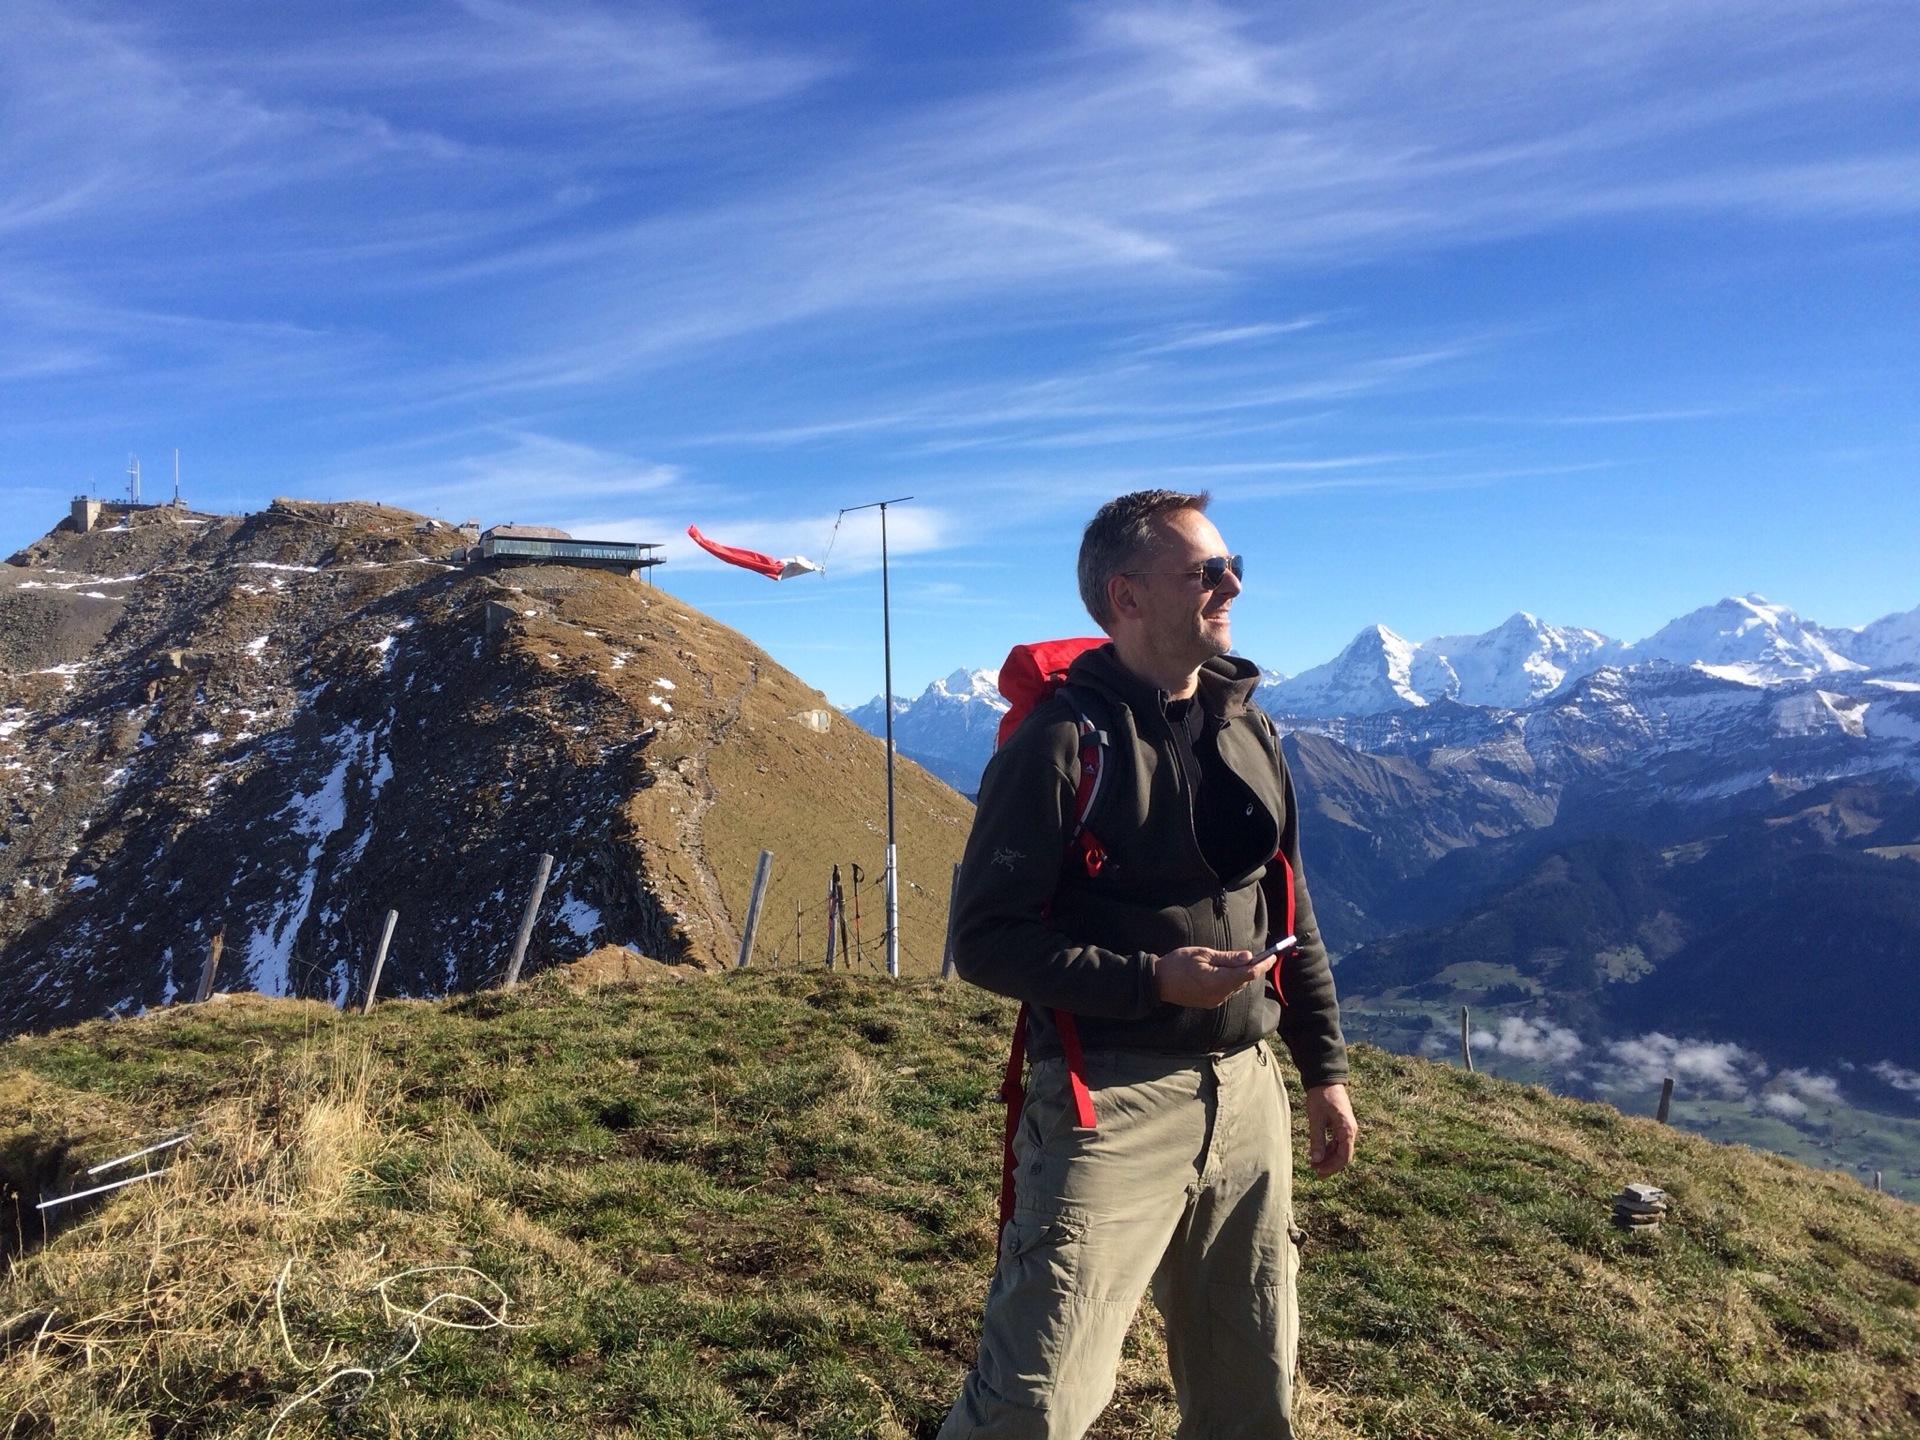 Ruhige (Vor-)Gipfelfreude, ganz oben winkt der Trubel...